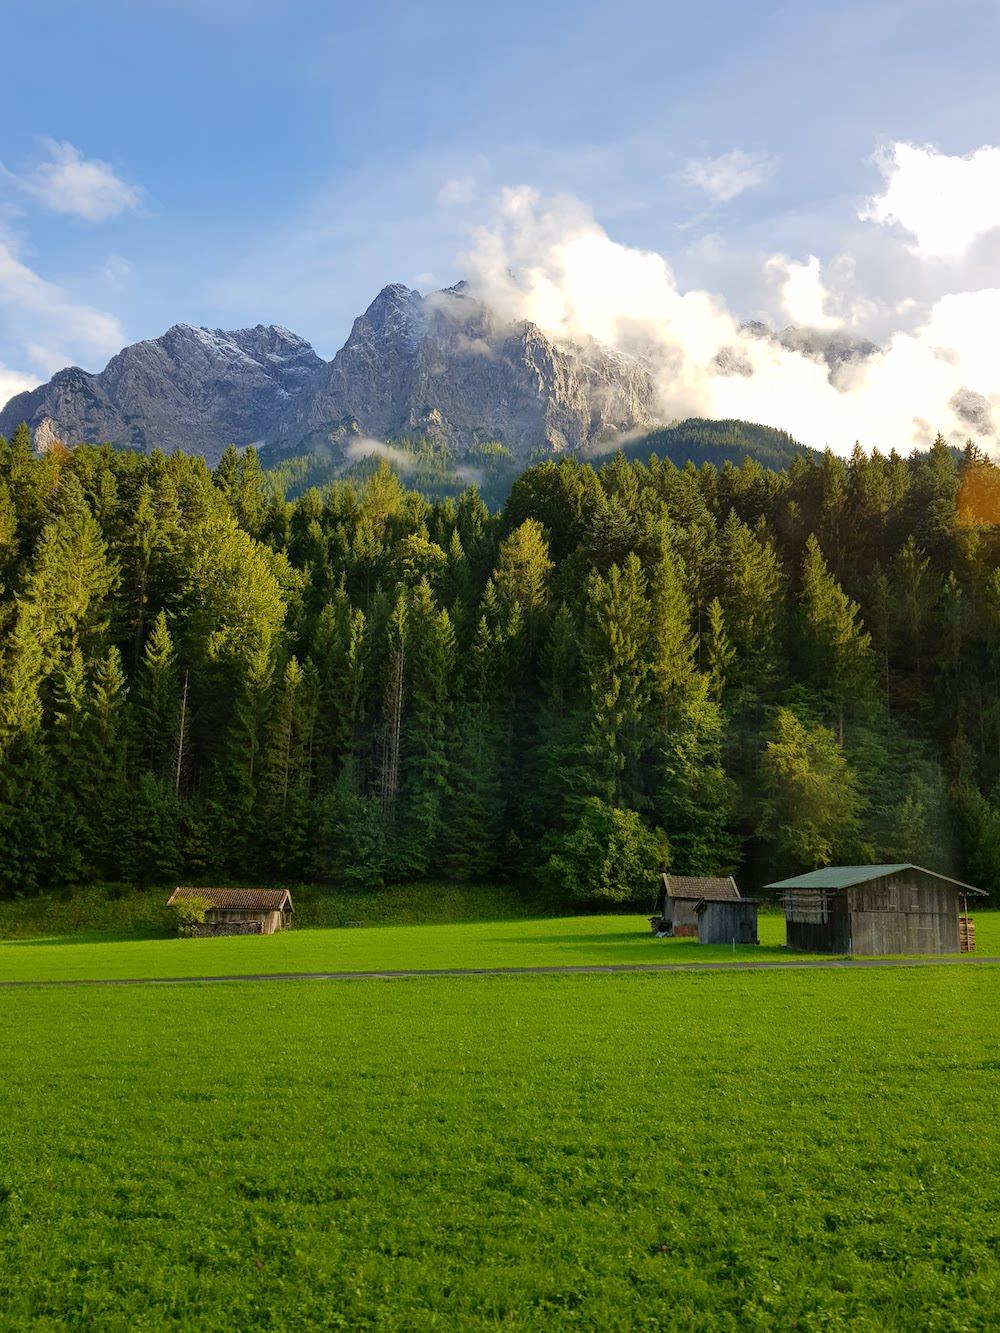 Fahrt mit der Zugspitzbahn ab Garmisch-Partenkirchen zur Zugspitze